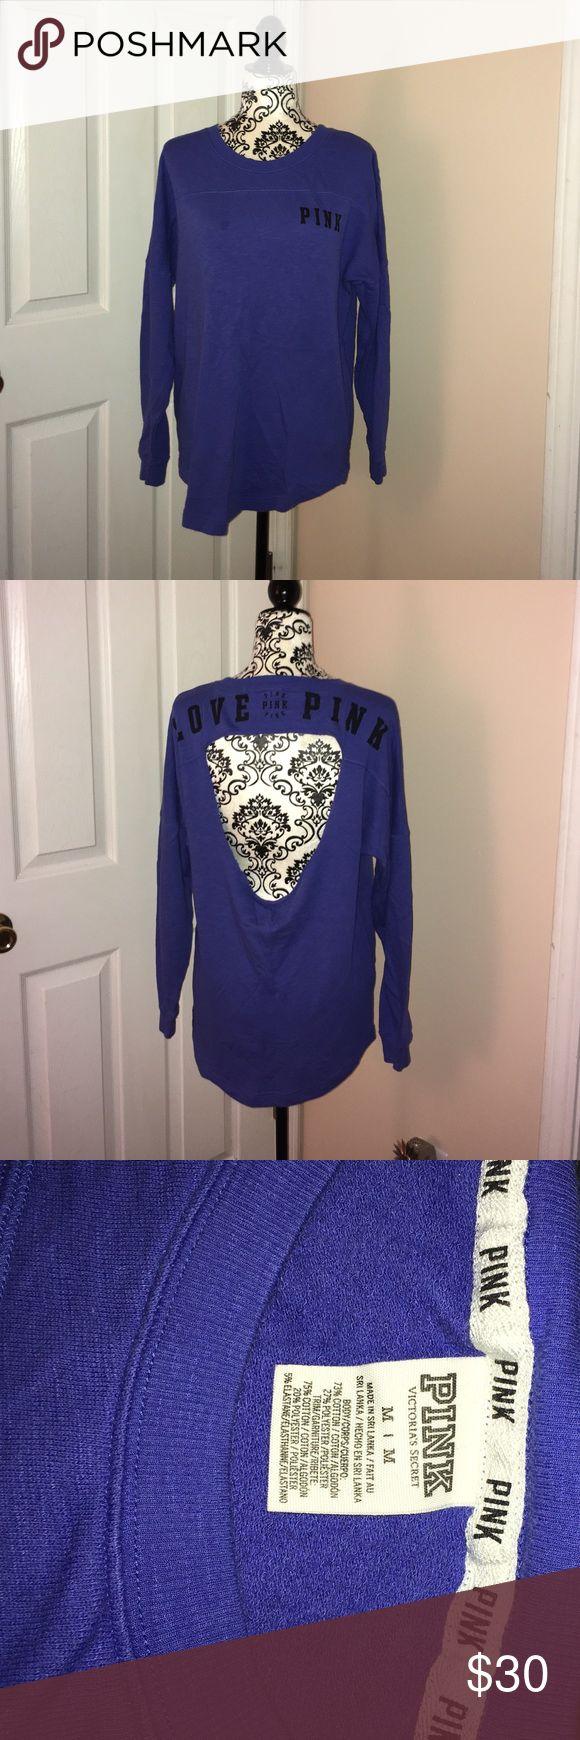 VS Pink Crewneck Open Back Sweatshirt Gently worn.  Lightweight.  Cute open back design. PINK Victoria's Secret Tops Sweatshirts & Hoodies